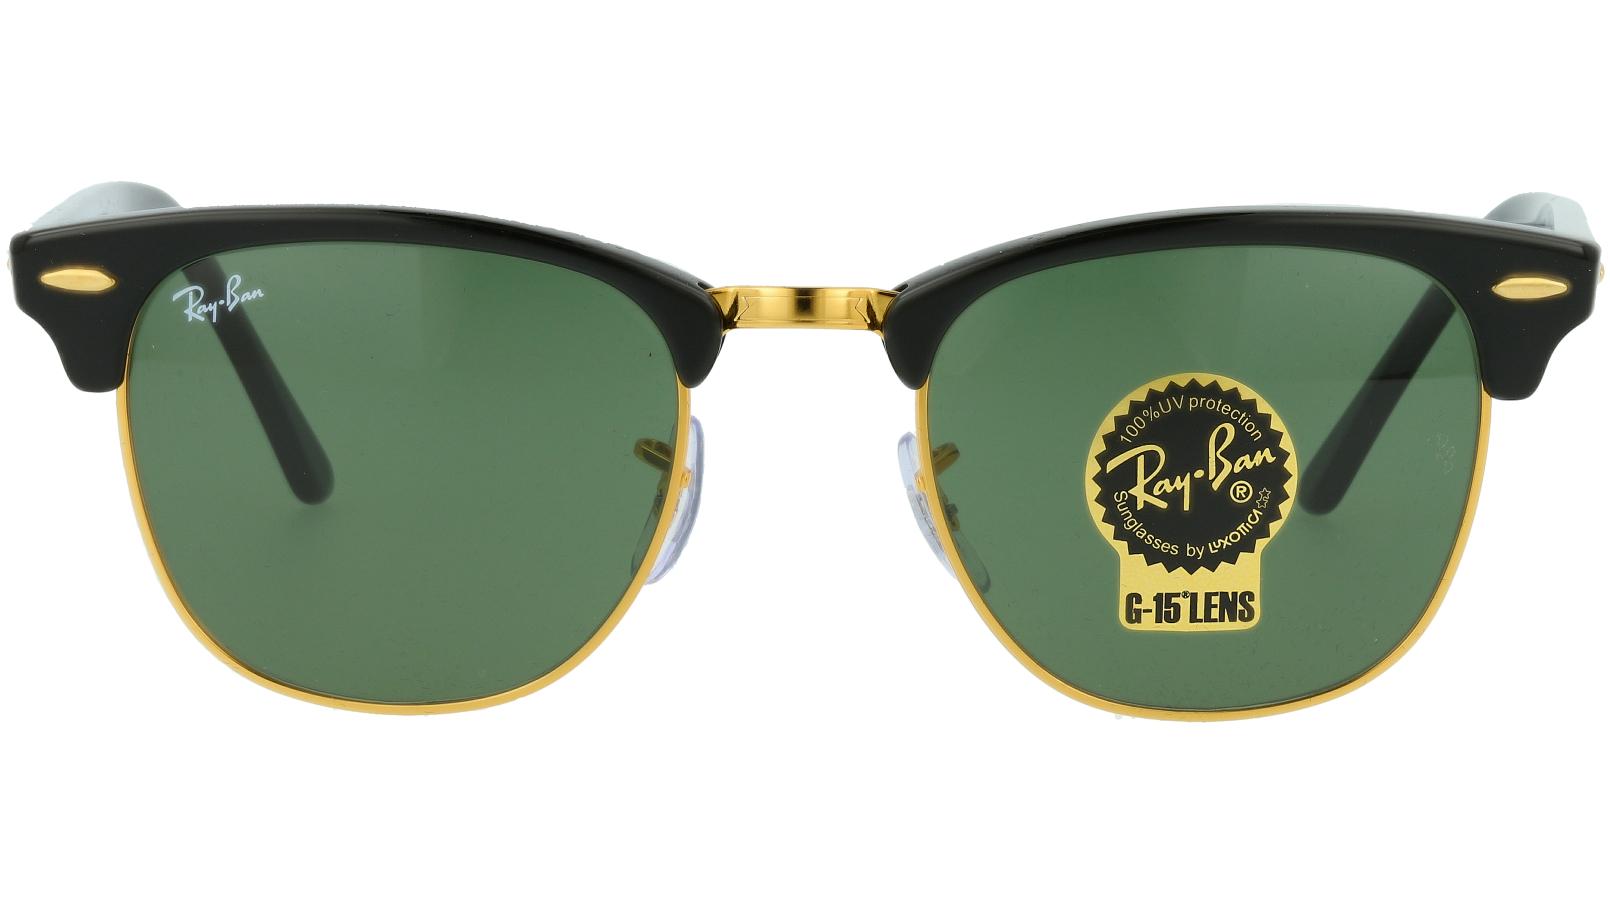 Ray-Ban RB3016 114530 51 SAND Sunglasses